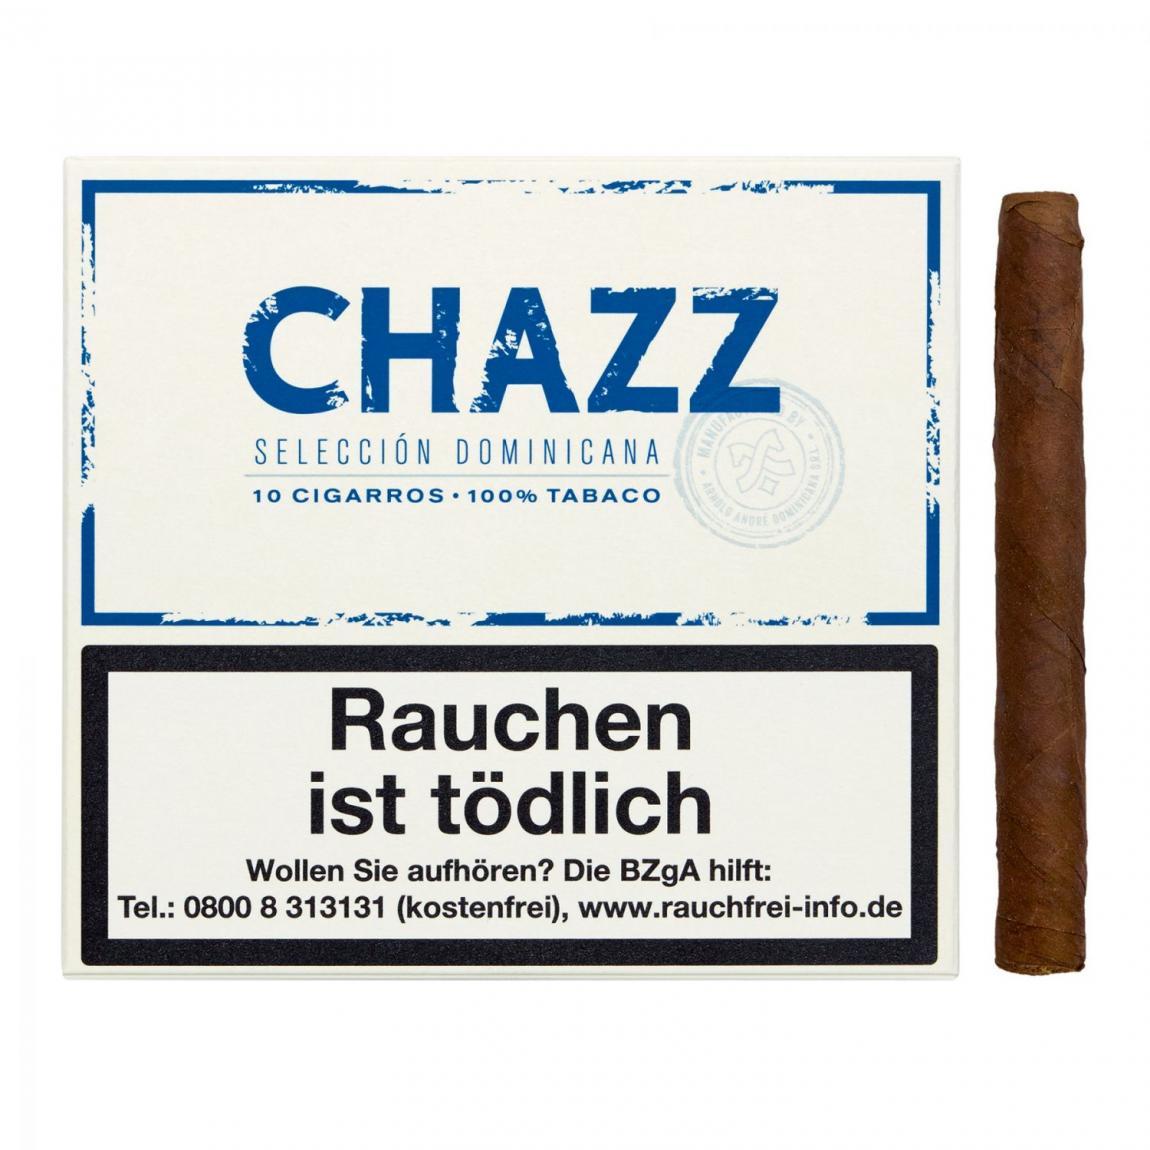 CHAZZ Cigarros - Seleccion Dominicana 10er Schachtel